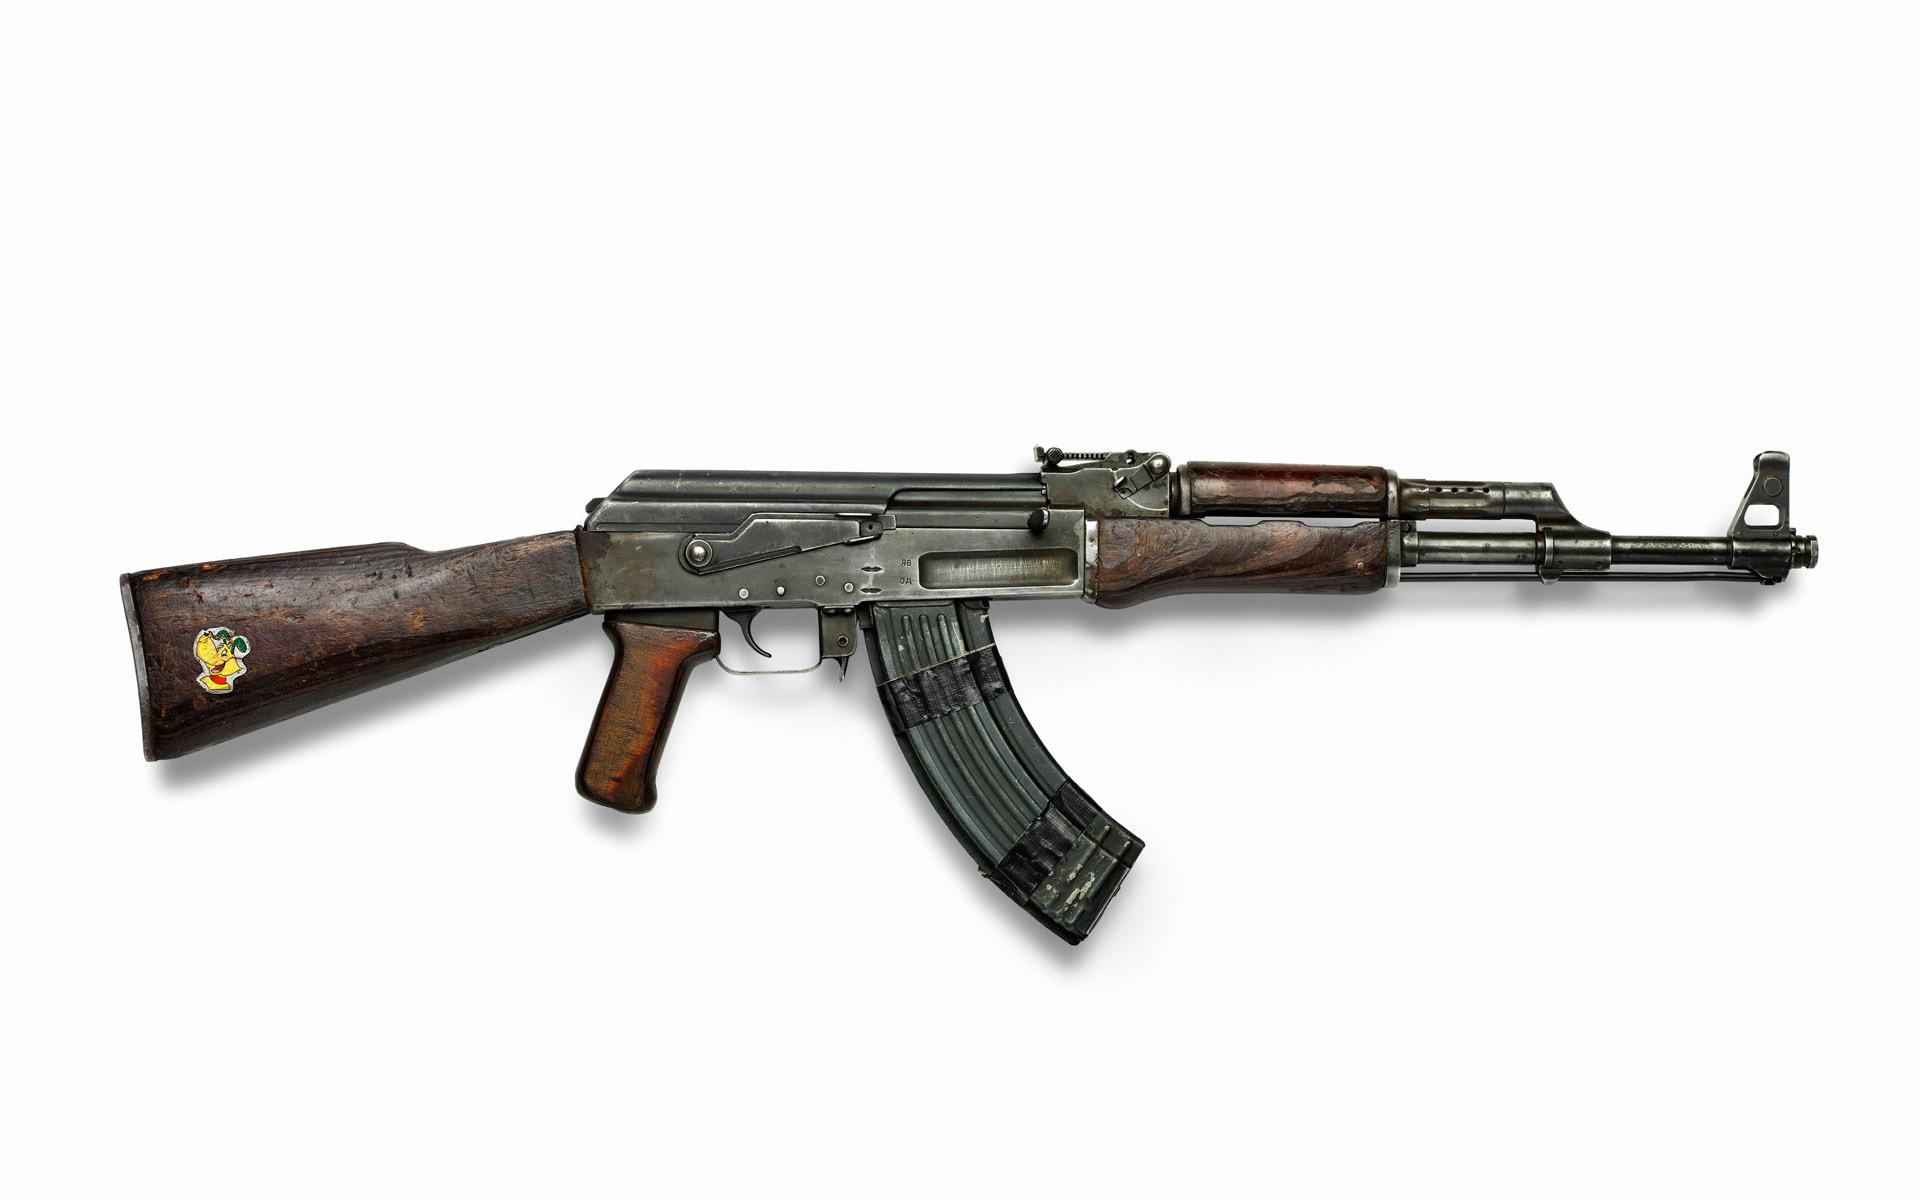 AK 47 rifle wallpaper 18745 1920x1200